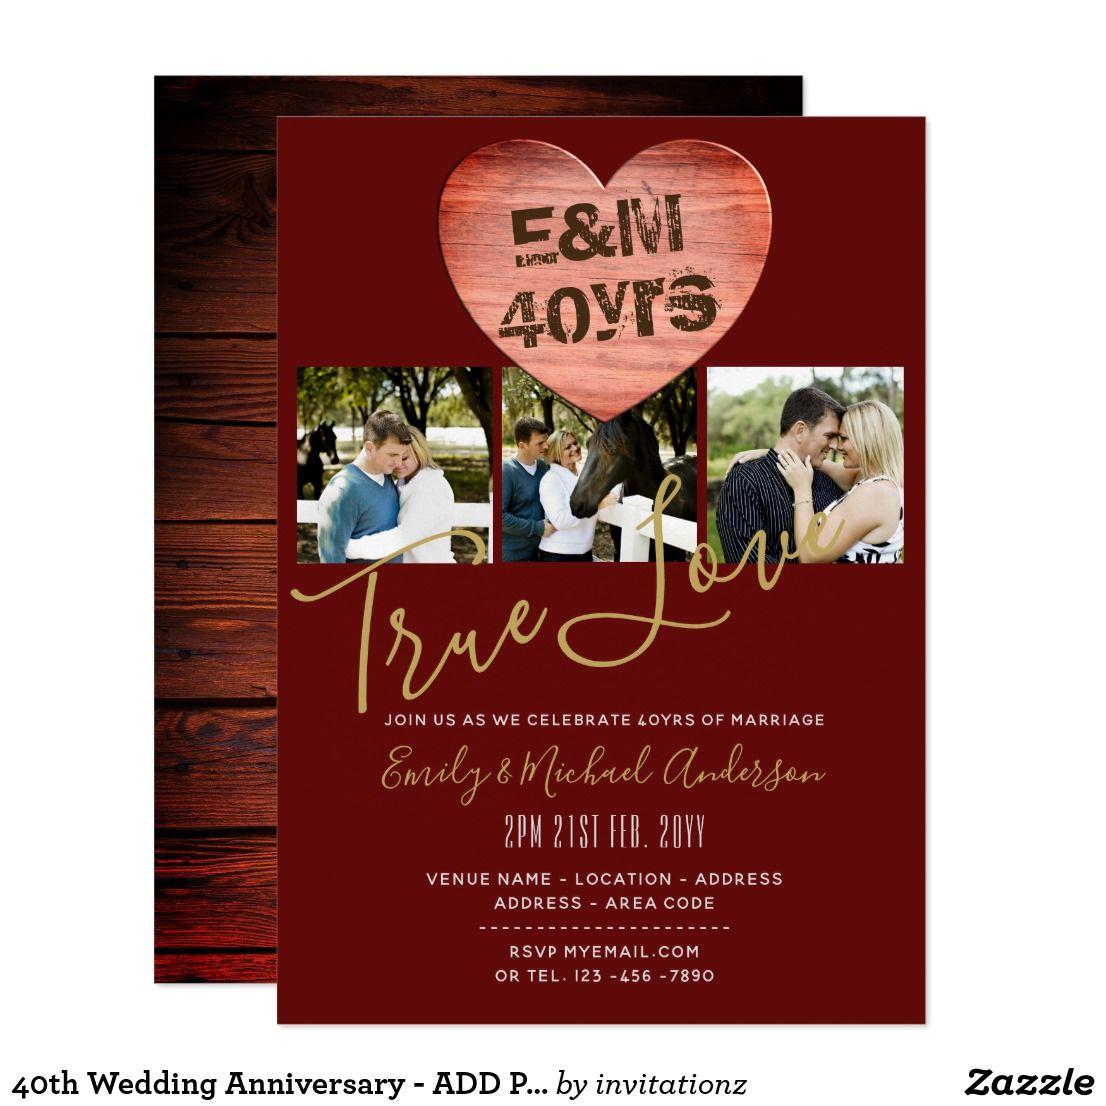 40th Wedding Anniversary - ADD PHOTOS x 3 Rustic Card | 40th wedding ...